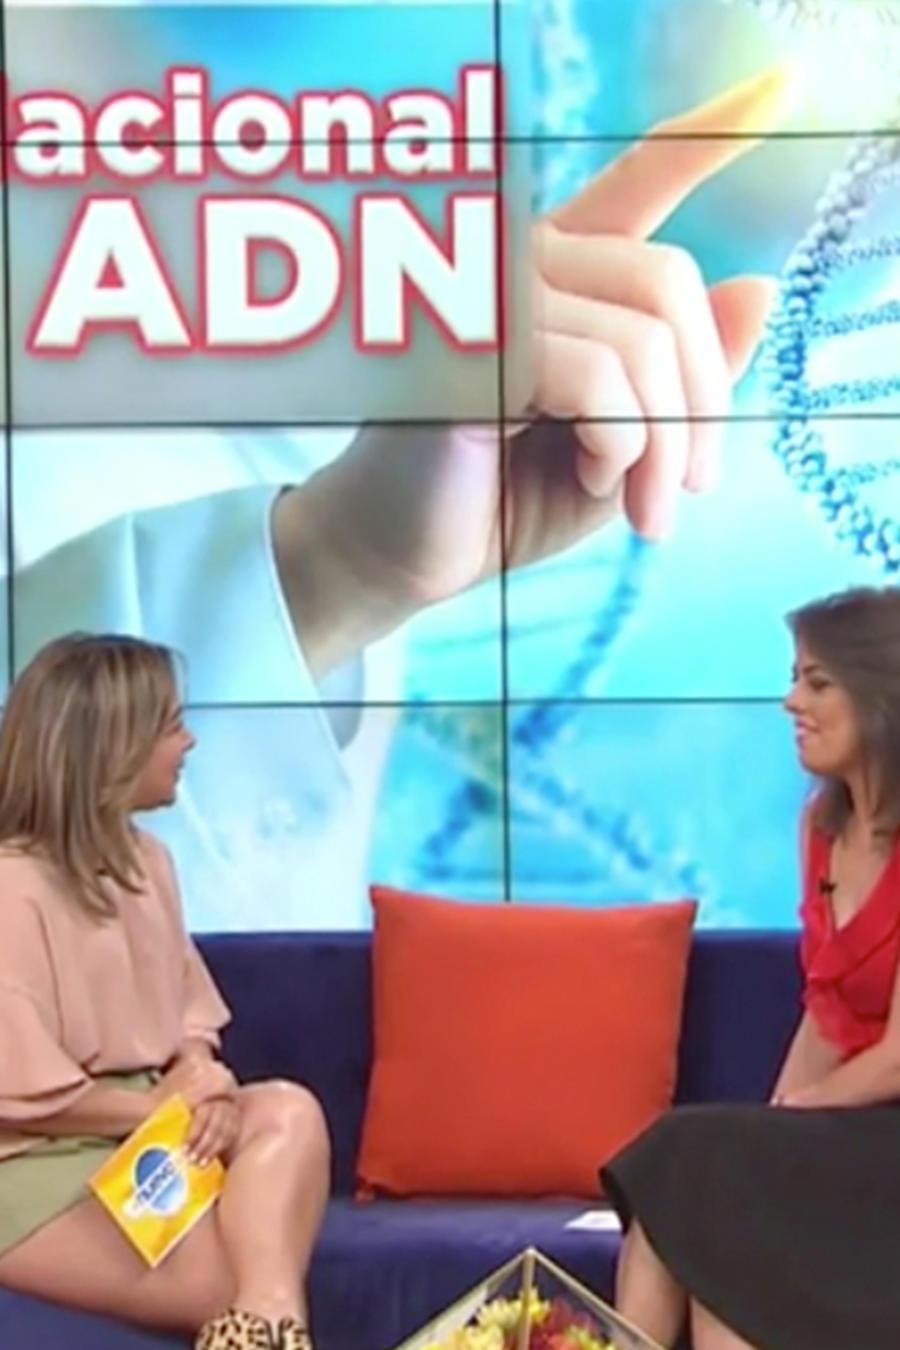 En el Día Nacional del ADN te explicamos la importancia que tiene para la ciencia moderna